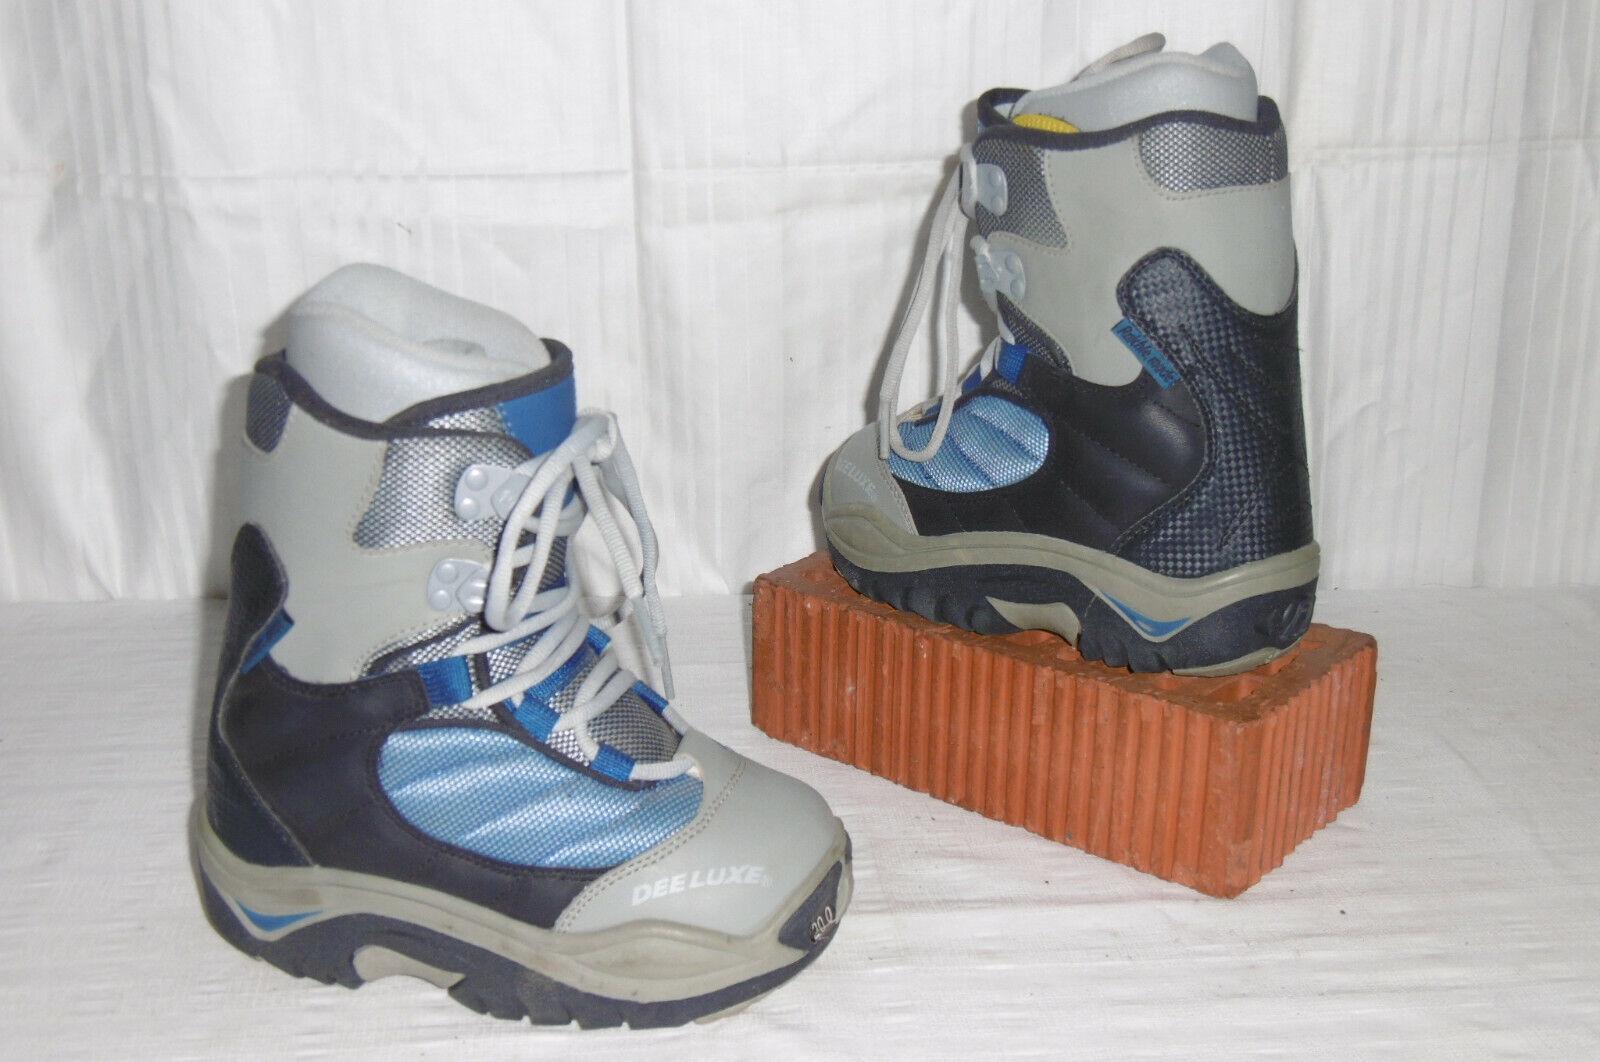 DEELUXE   DAEMON     TOP JUNIOR SNOWBOARD Stiefel GR.  30 - NEU    Ausgezeichnetes Handwerk  f5b71e